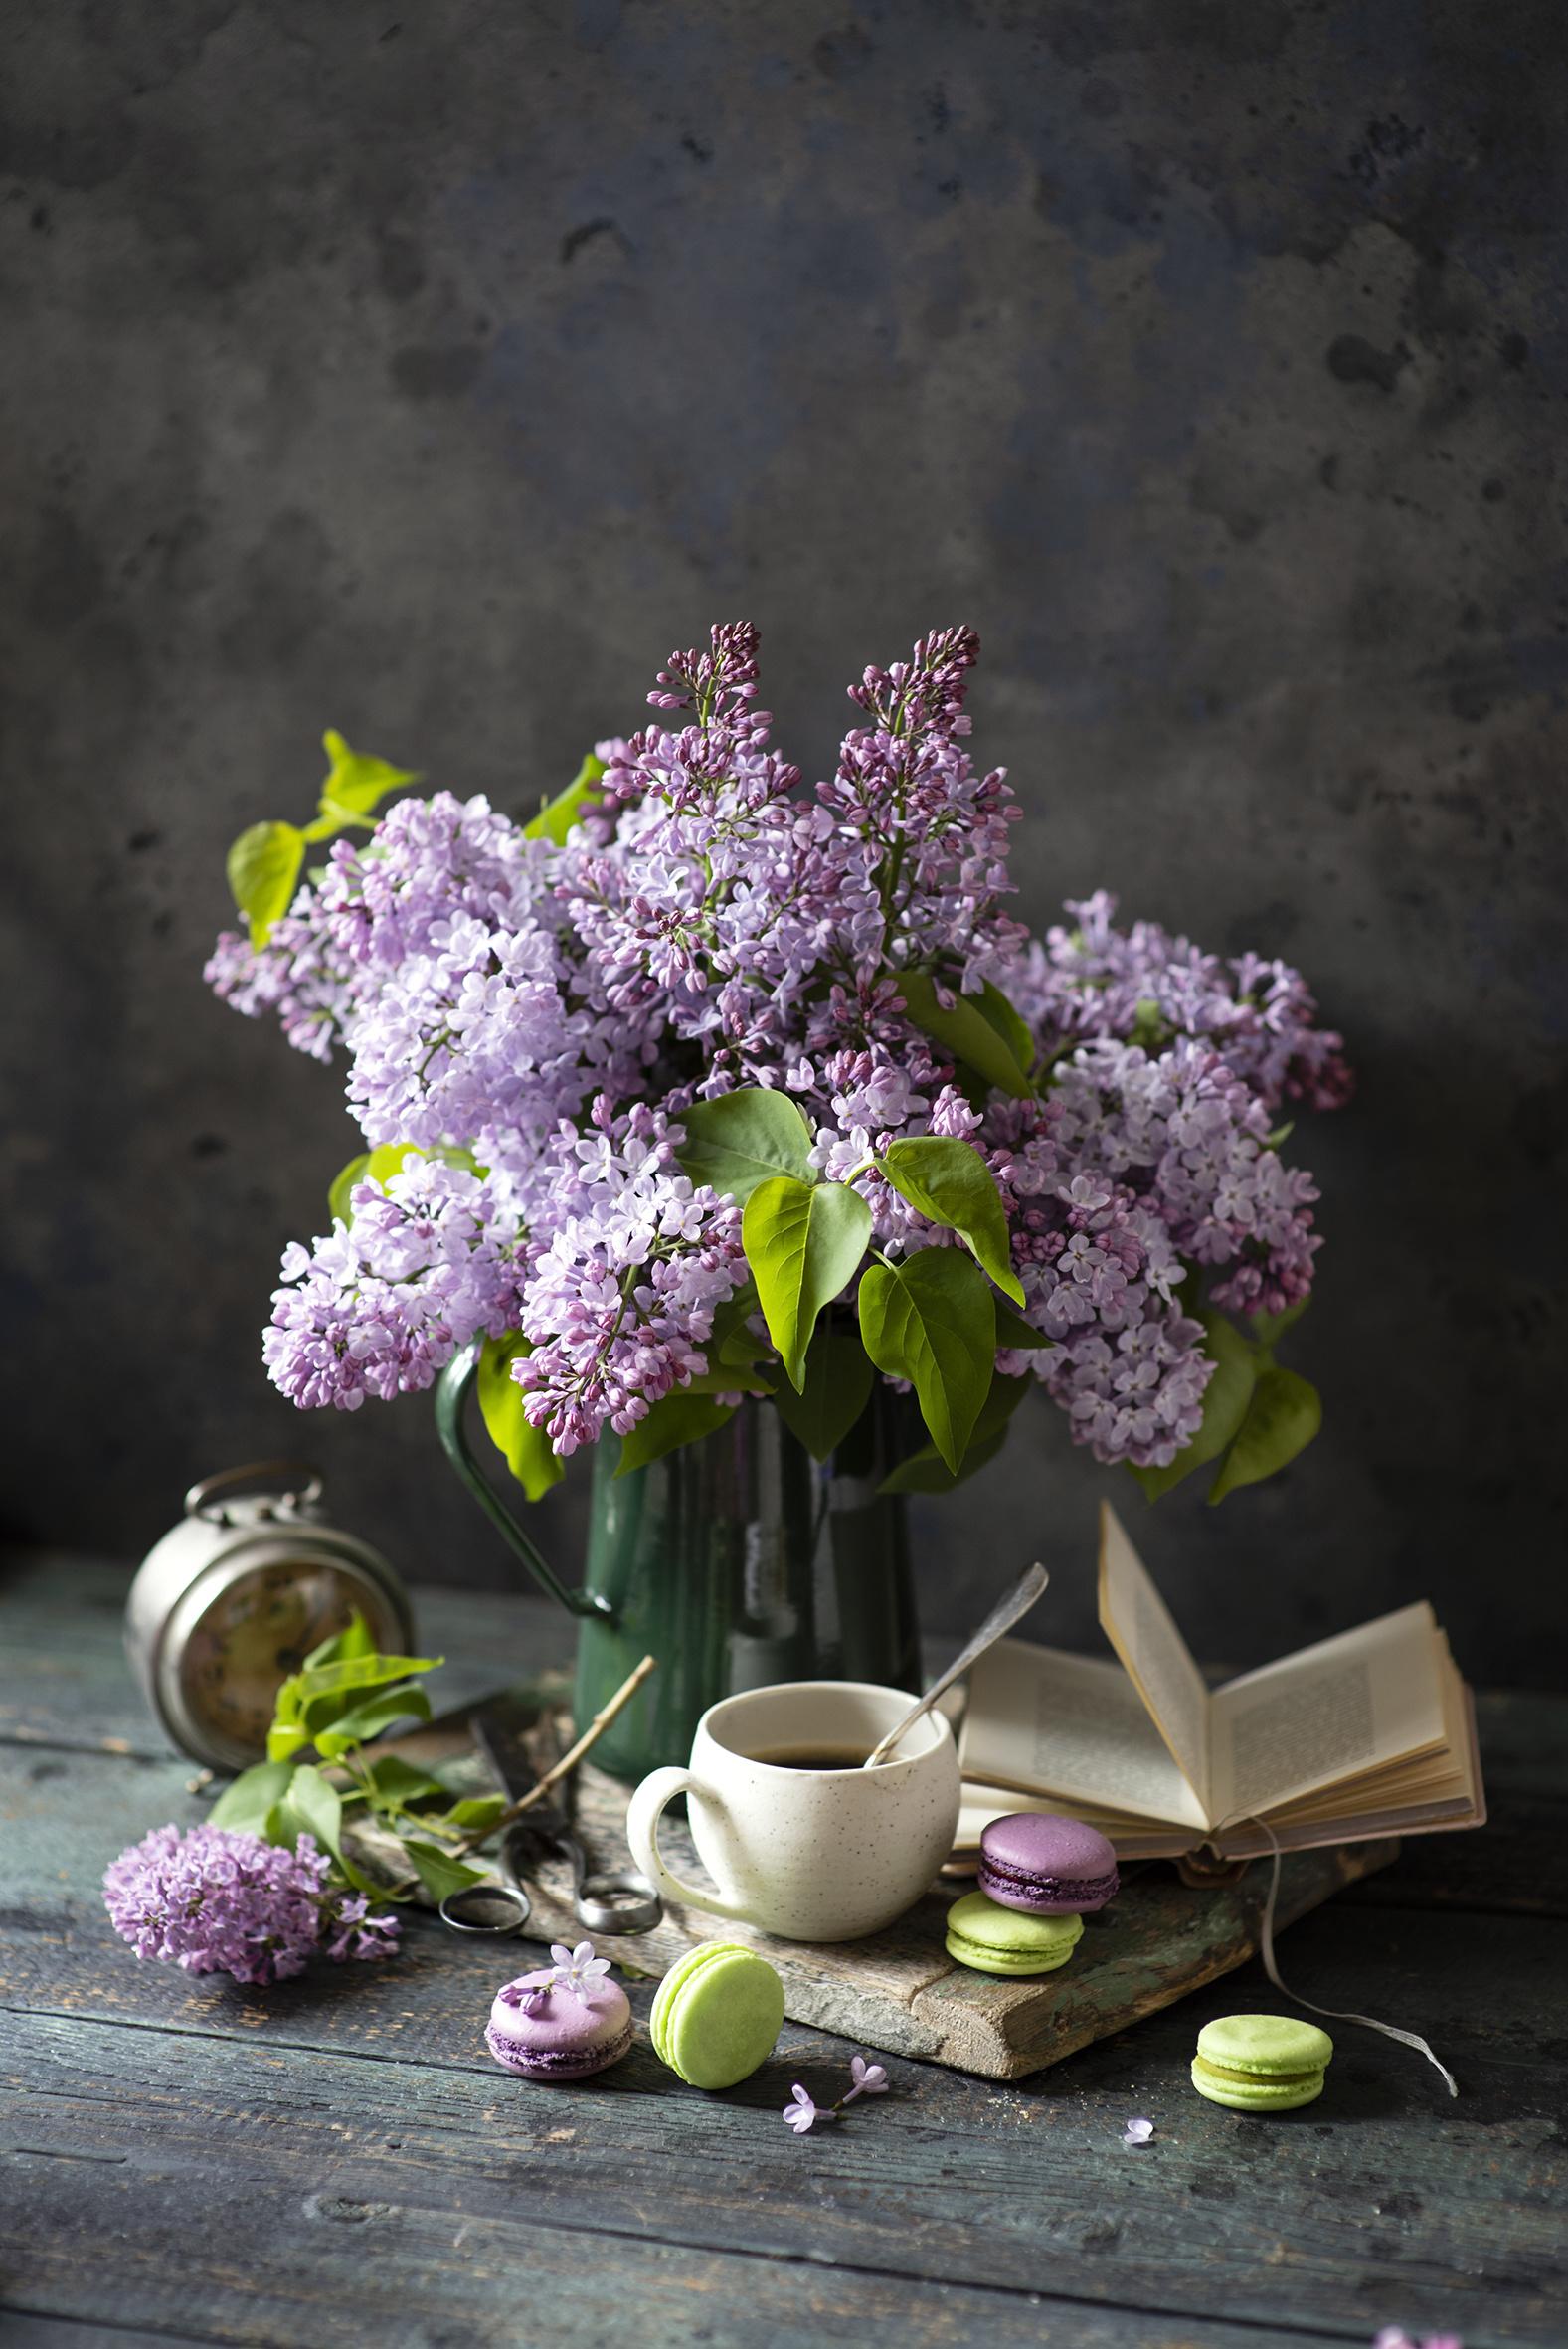 Bilder Macaron Blüte Flieder Tasse Bücher Stillleben  für Handy macarons Blumen Syringa Buch